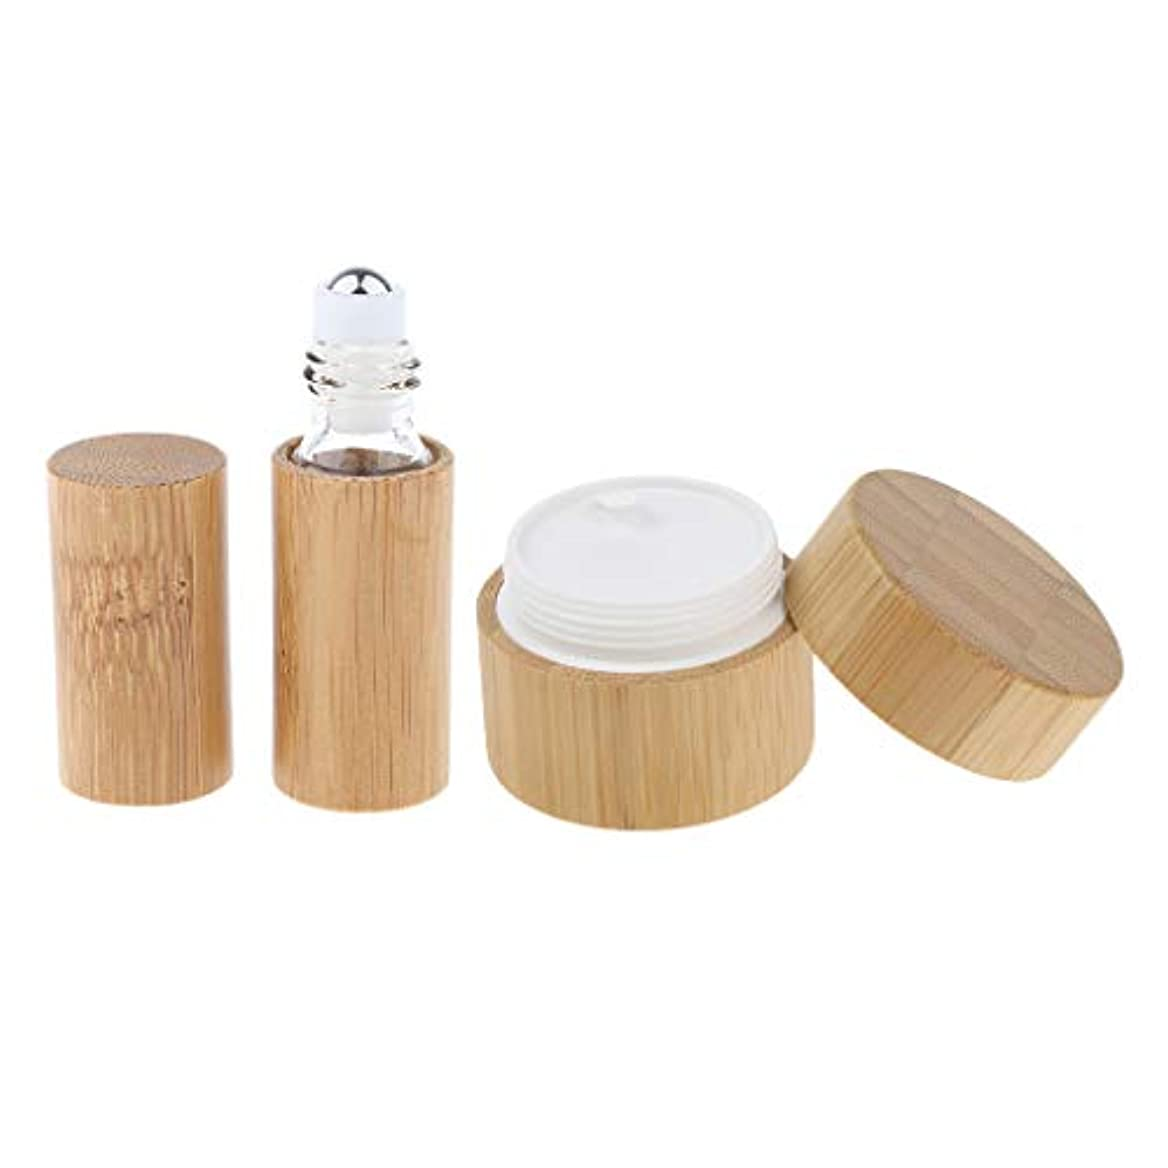 接続詞メジャー医薬2点 天然竹 リップ クリームケース ジャー 空ボトル 小分け 容器 詰め替え 旅行用